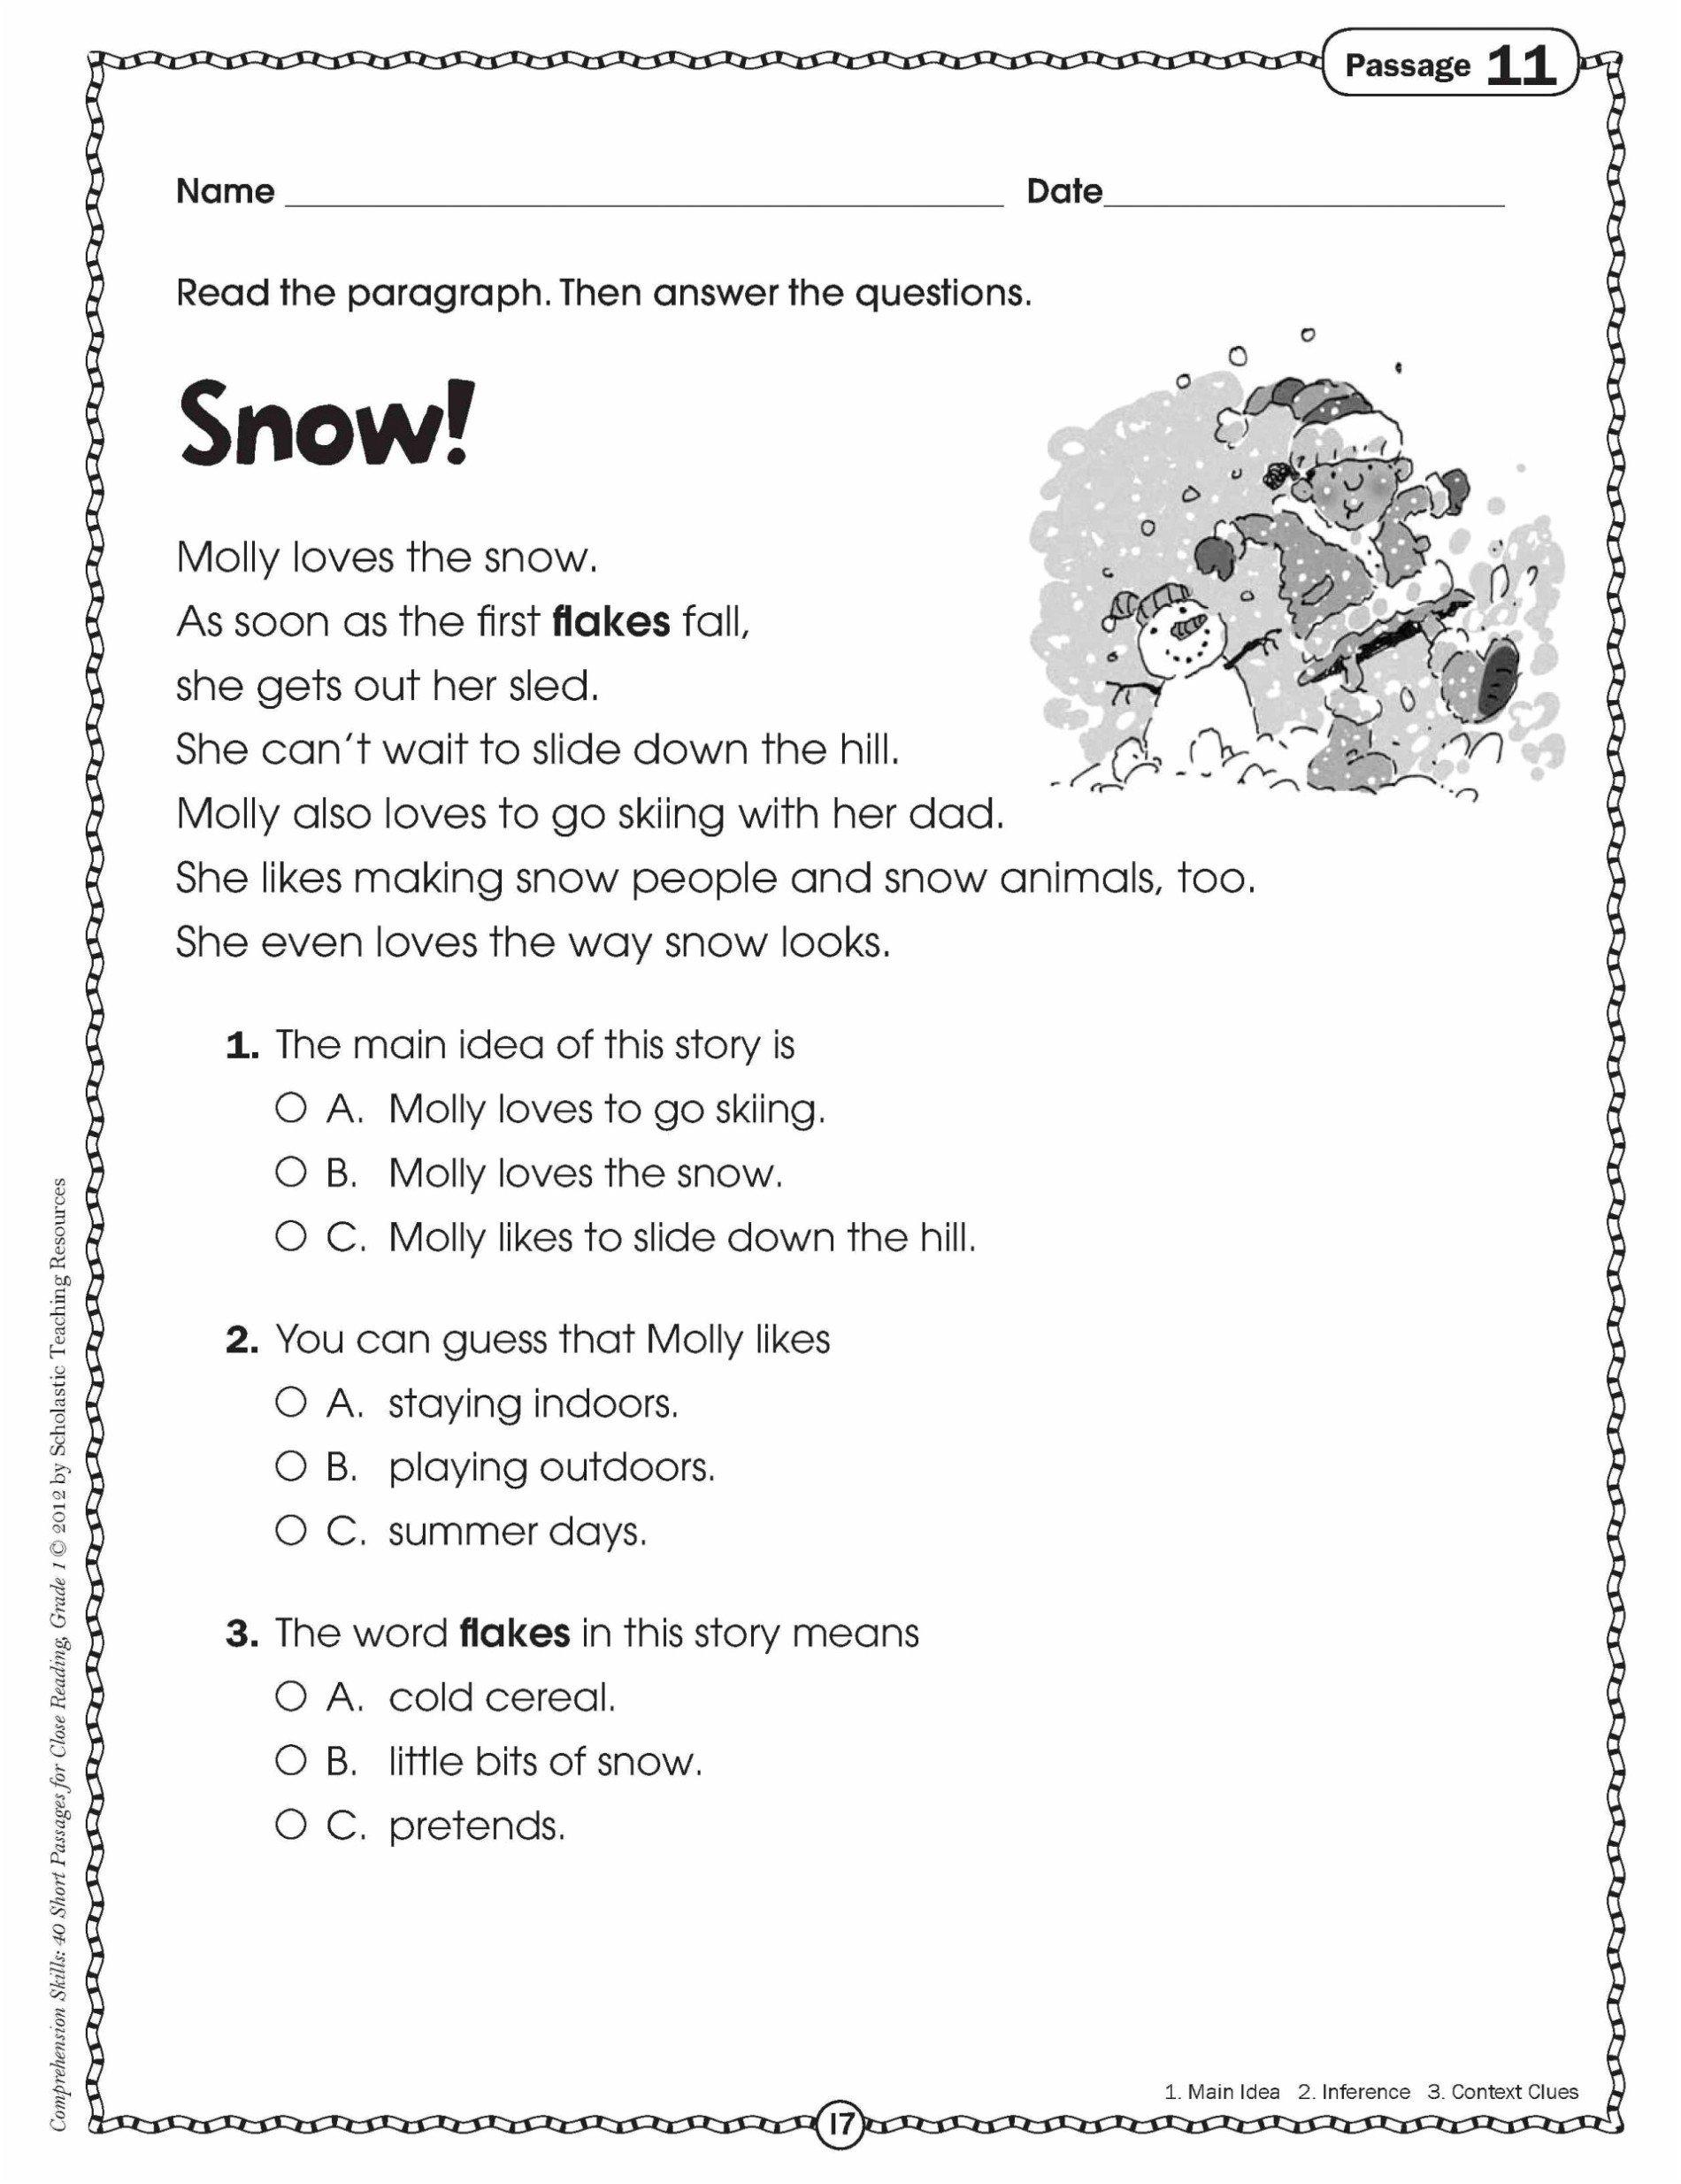 3Rd Grade Reading Comprehension Worksheets Multiple Choice For Free And Free Reading Comprehension Worksheets For 3Rd Grade